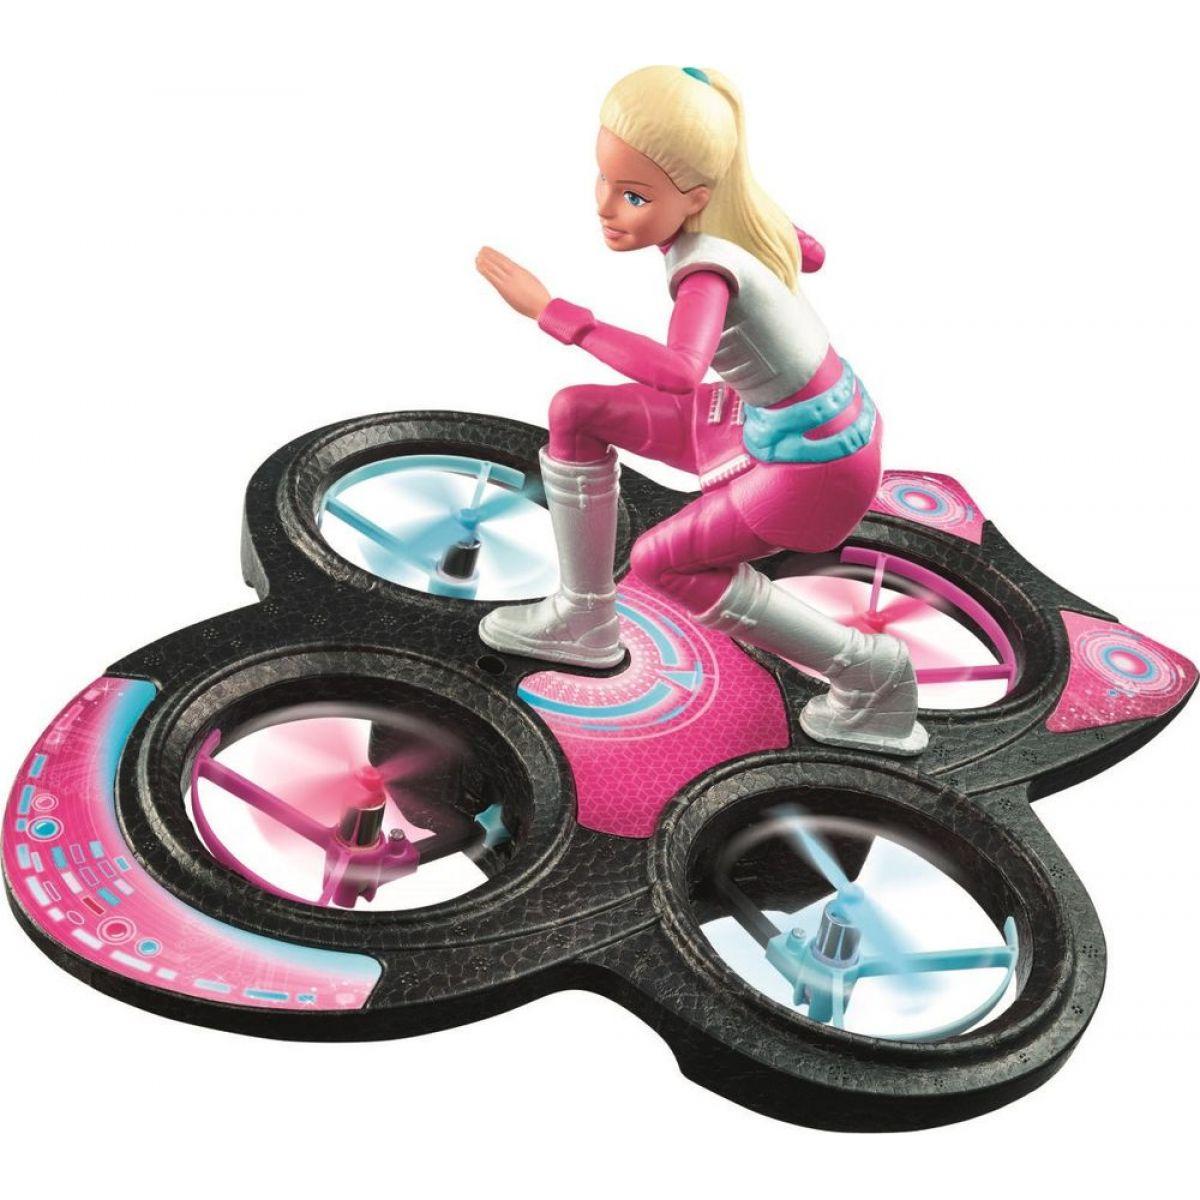 Barbie RC Hvězdný hoverboard - Poškozený obal